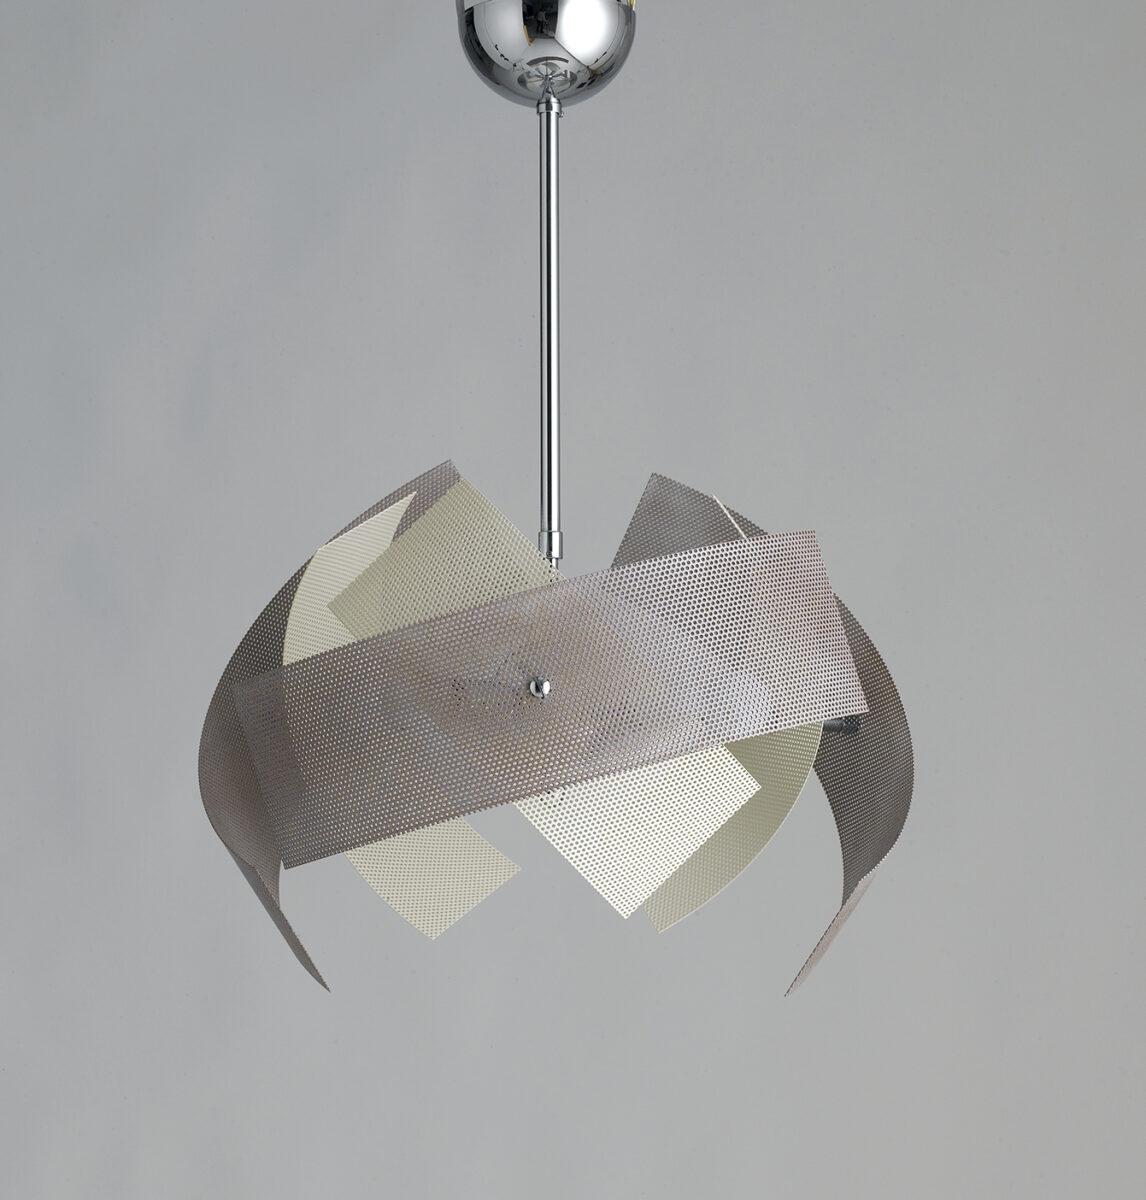 lampadari moderni archivi - la luce del futuro - Lampadari Moderni Camera Da Letto